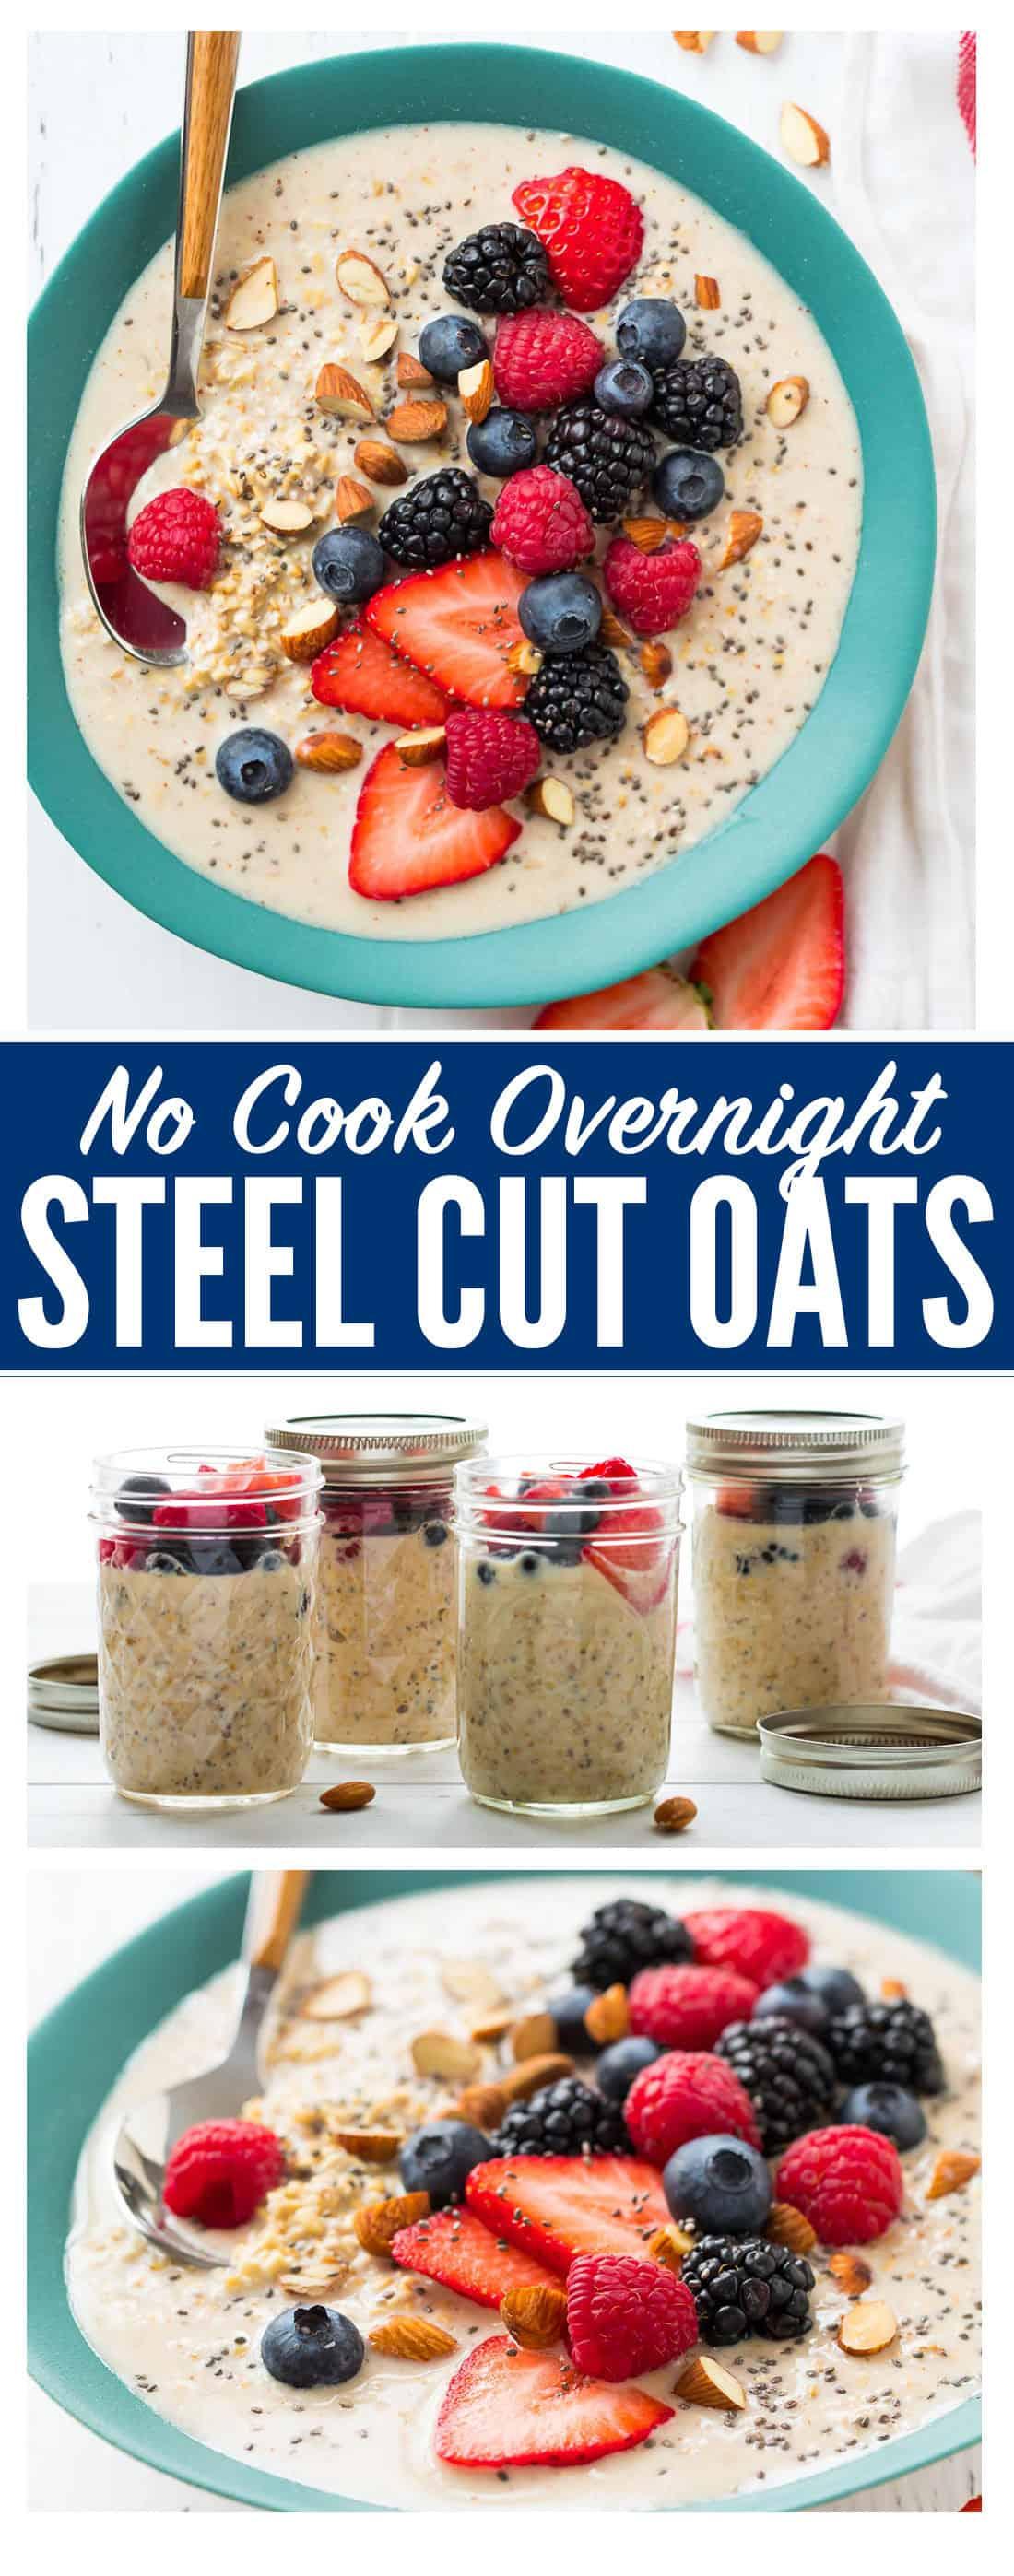 Overnight Steel Cut Oats Easy Make Ahead Recipe